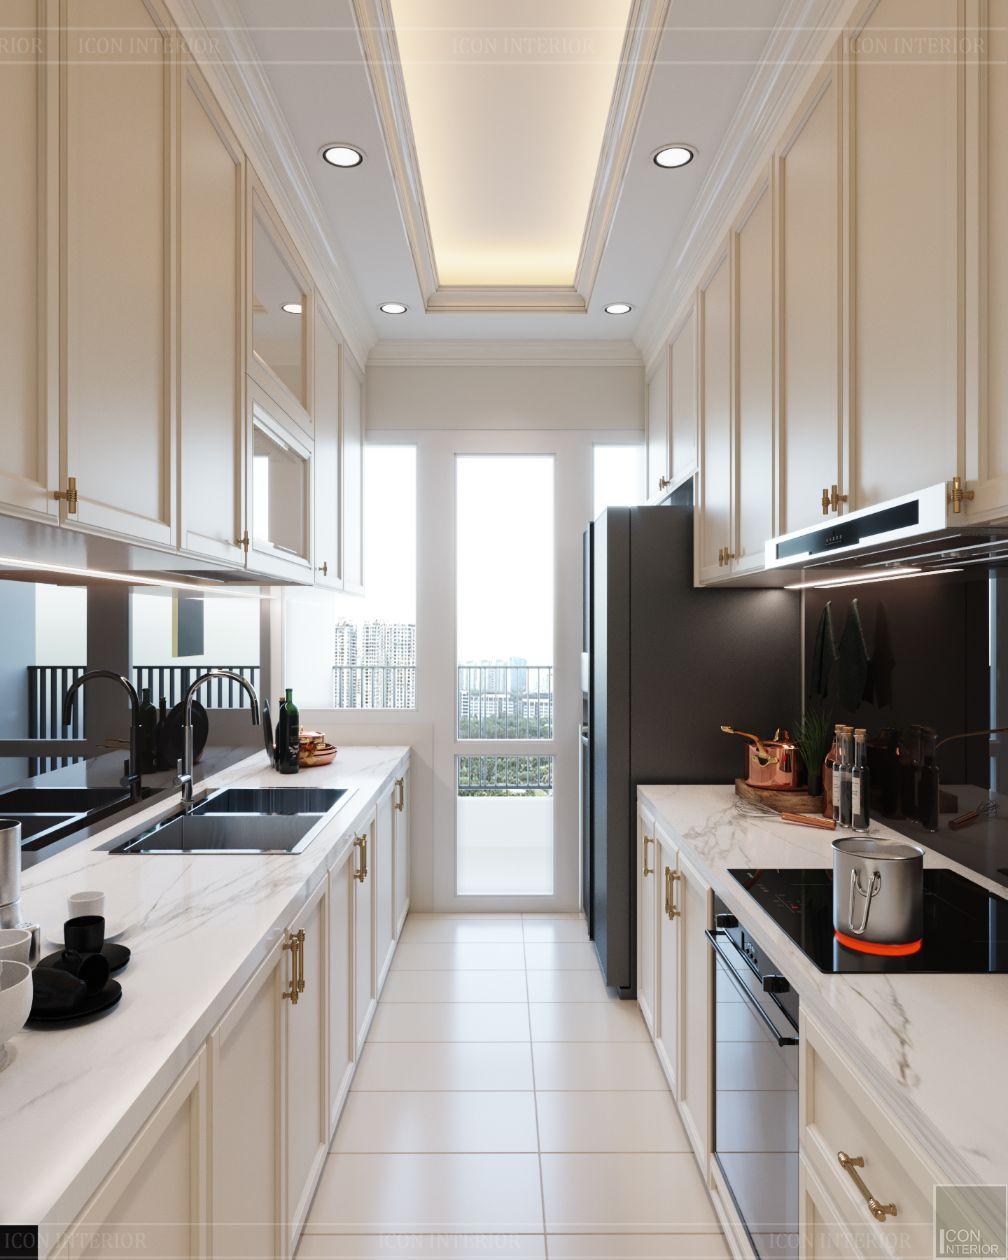 thiết kế căn hộ 2 phòng ngủ - phòng bếp